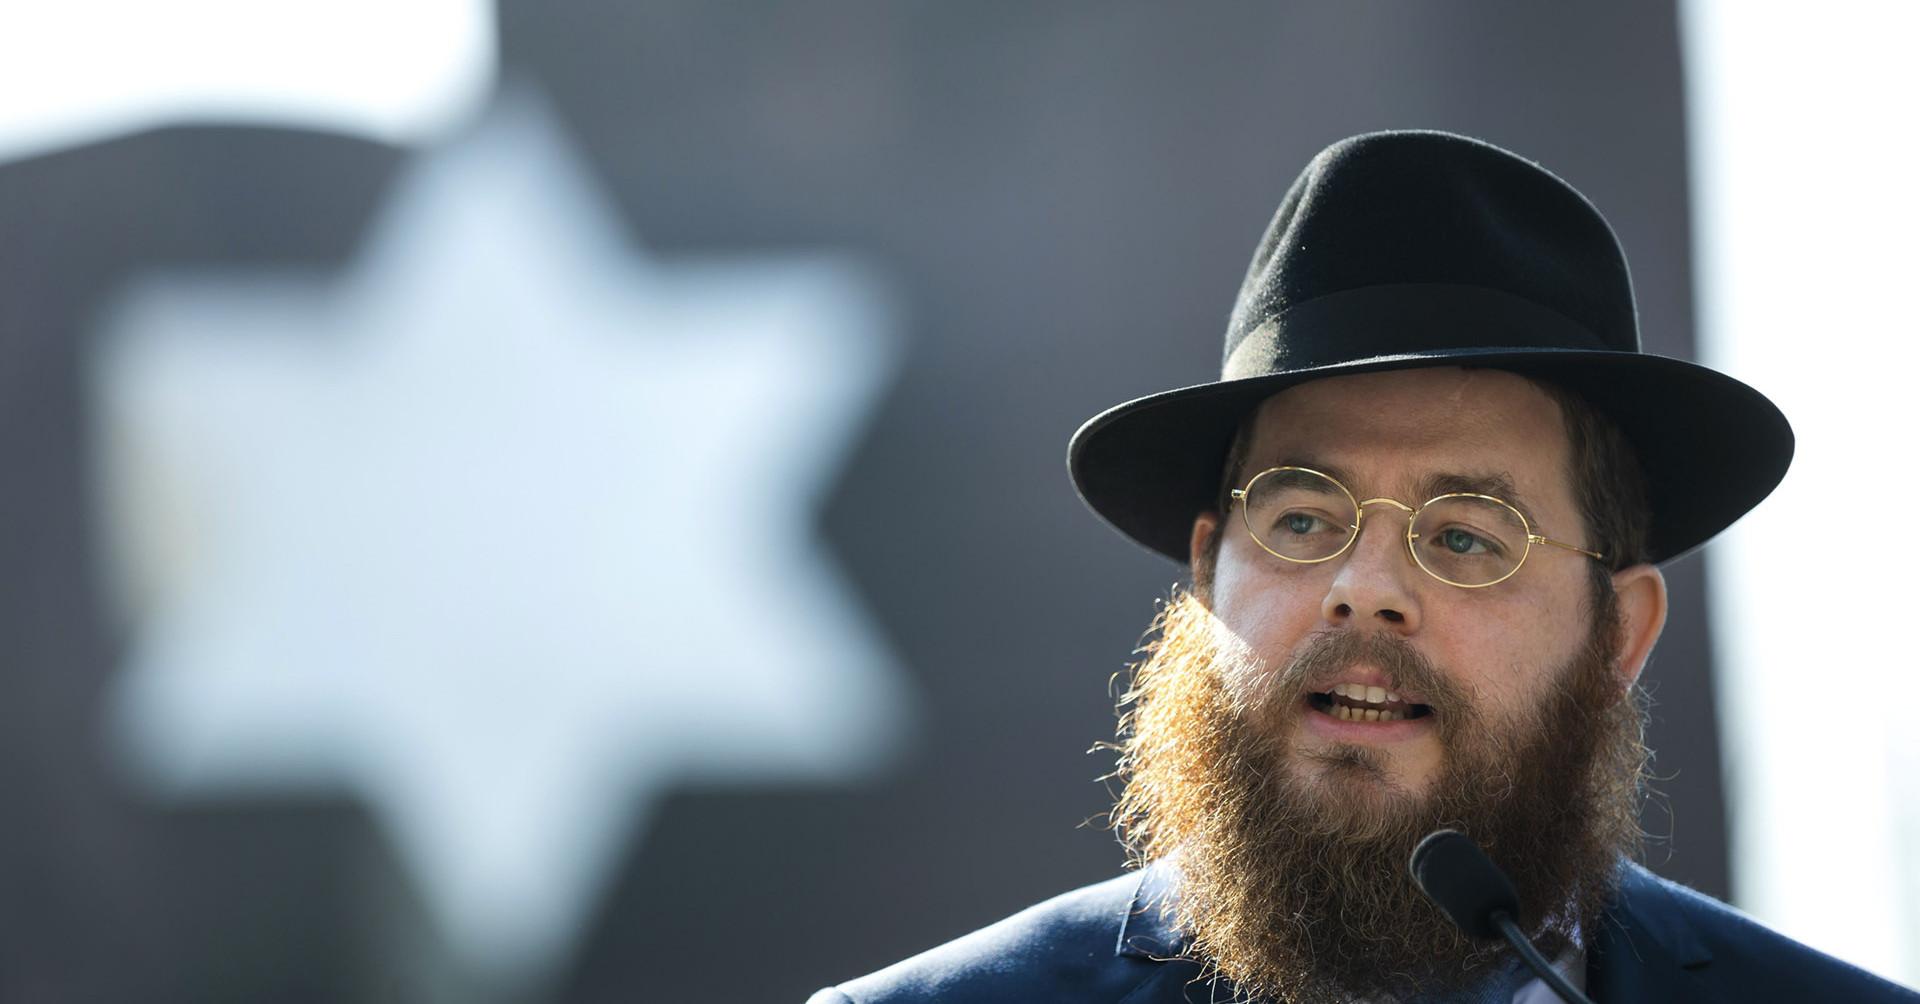 Európa egyik legbiztonságosabb országa Magyarország a zsidó közösség számára